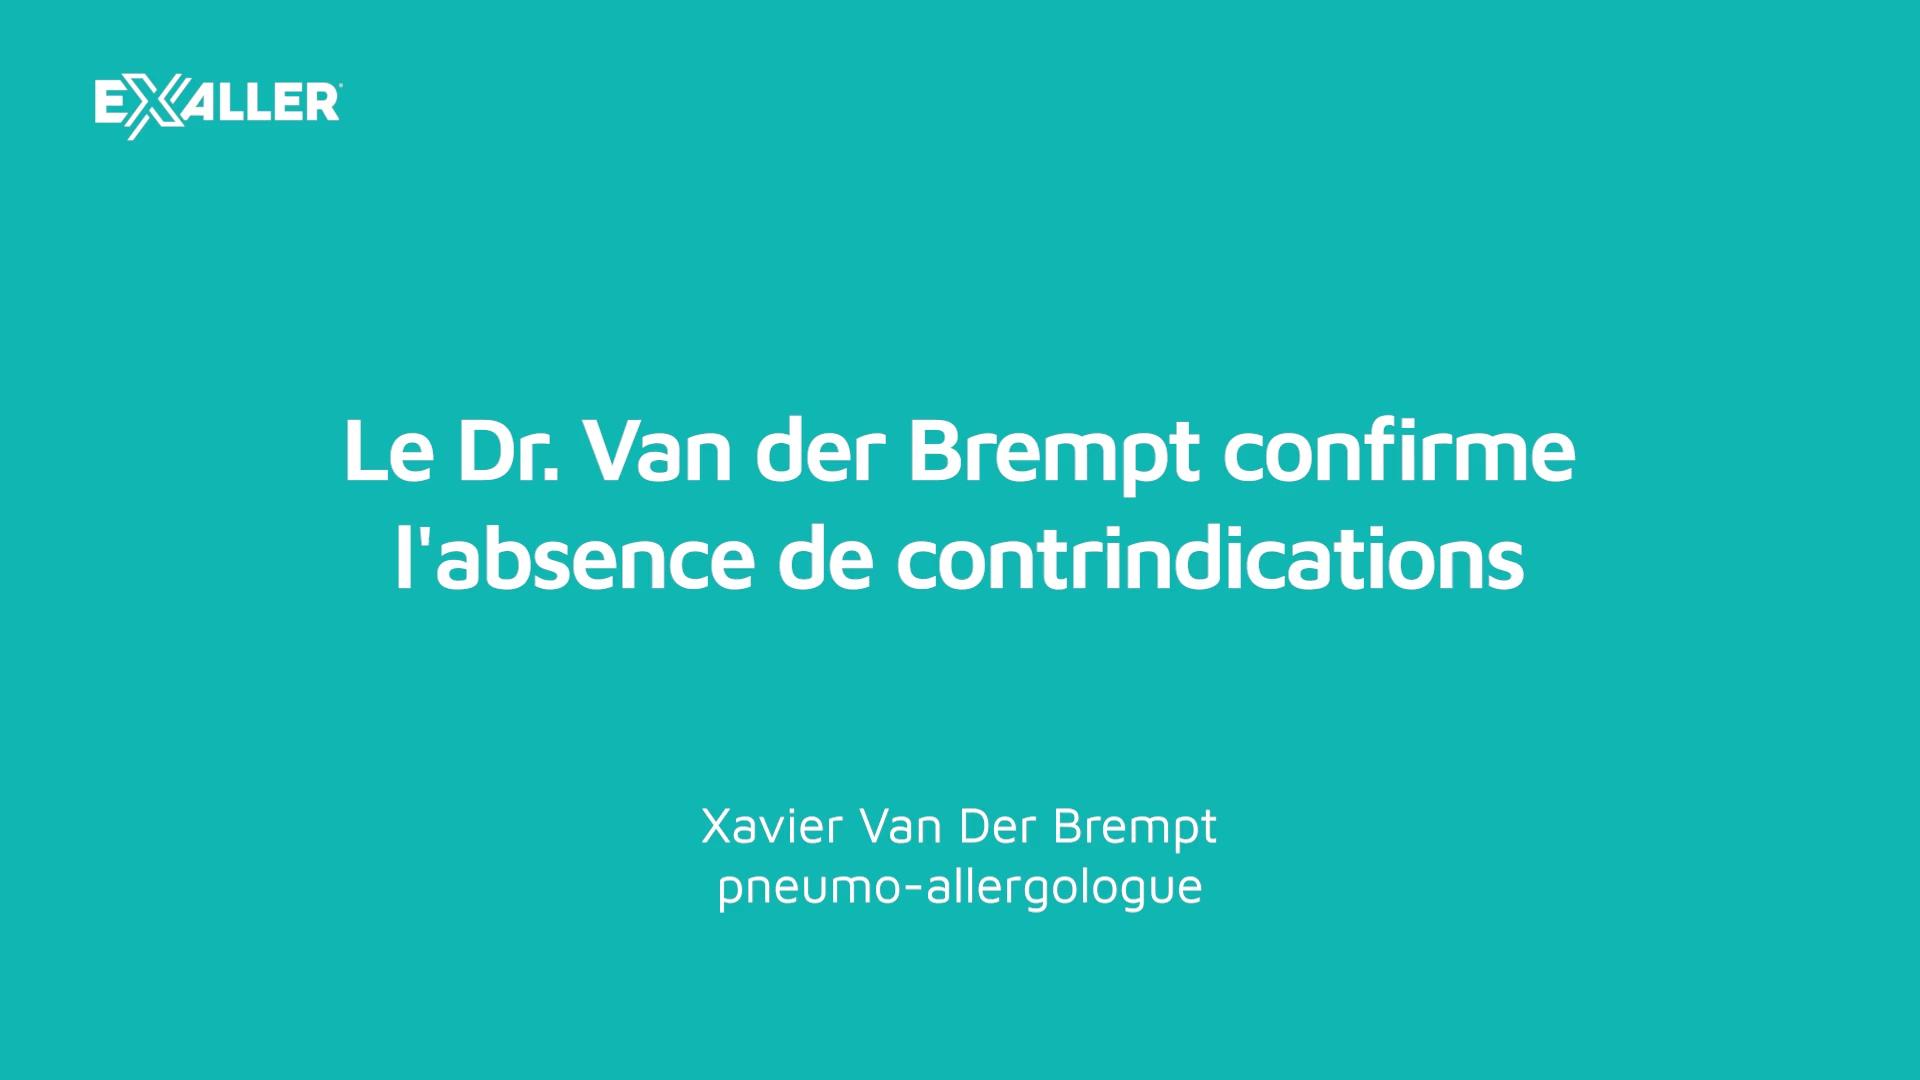 X14 Le Dr. Van der Brempt confirme labsence de contrindications